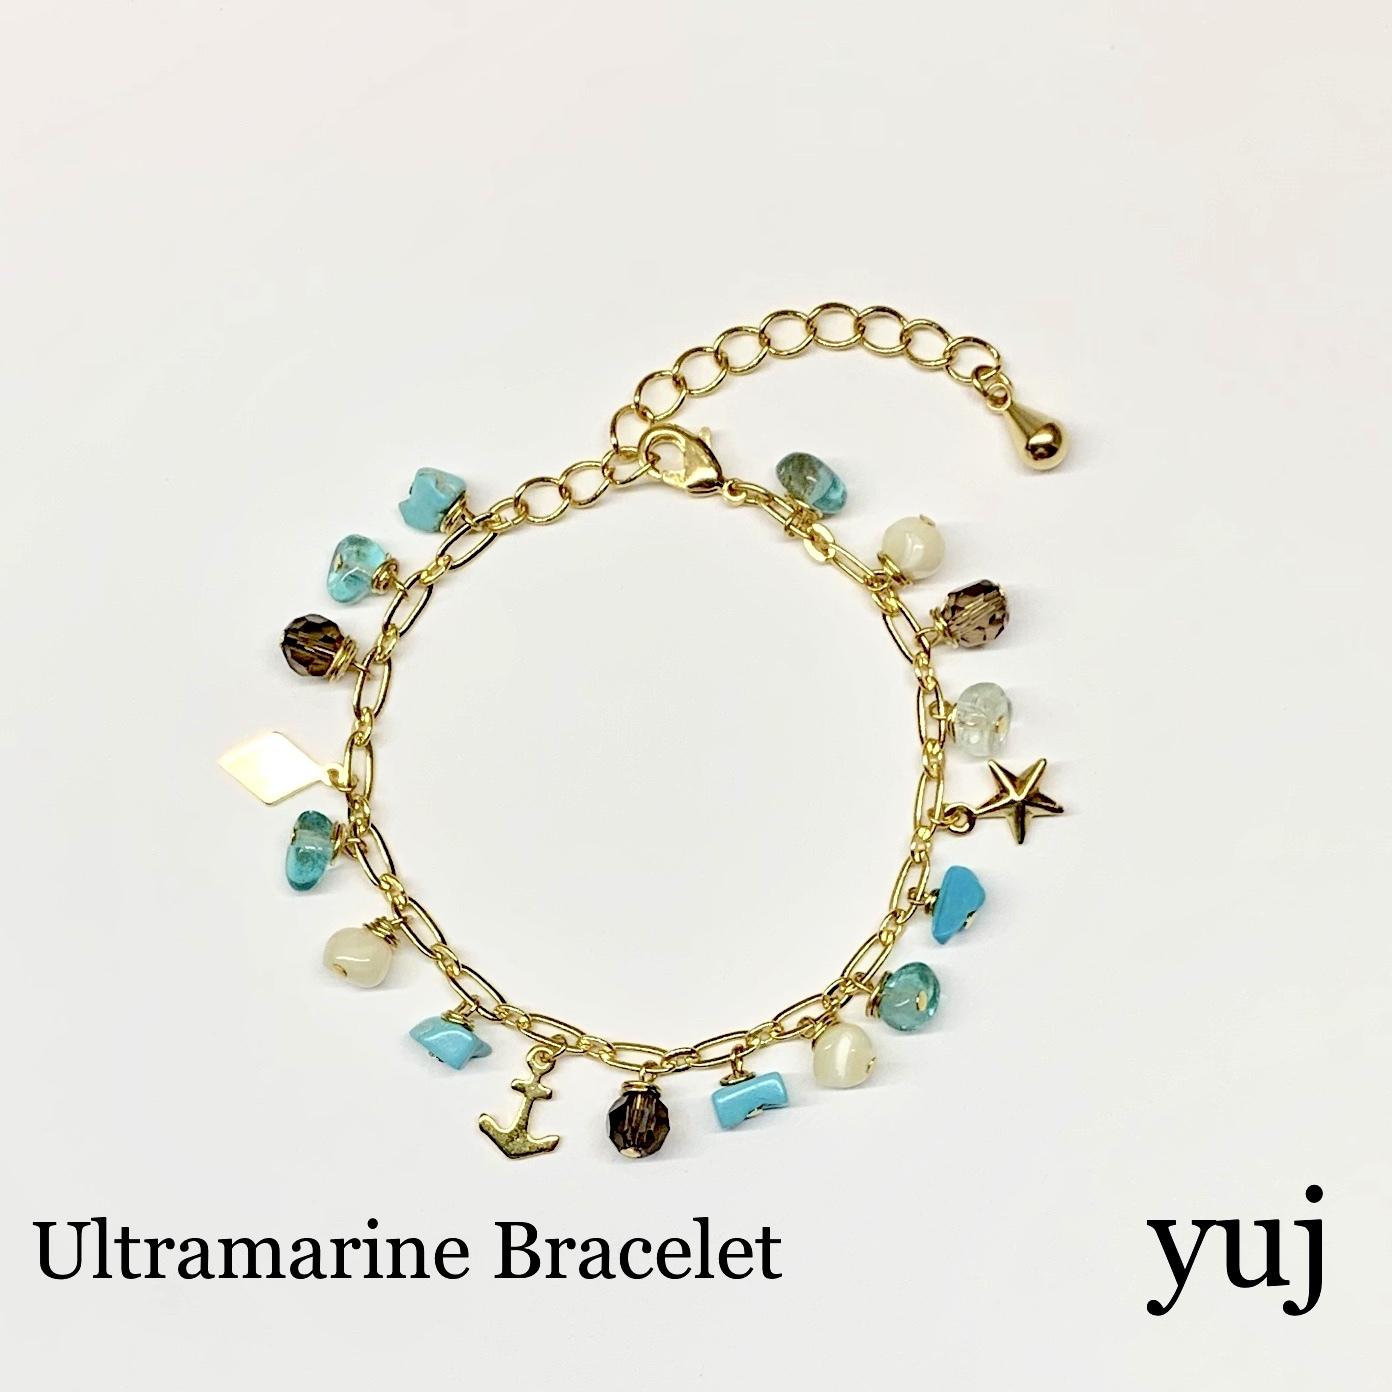 Blue yuj  ウルトラマリン ブレスレット